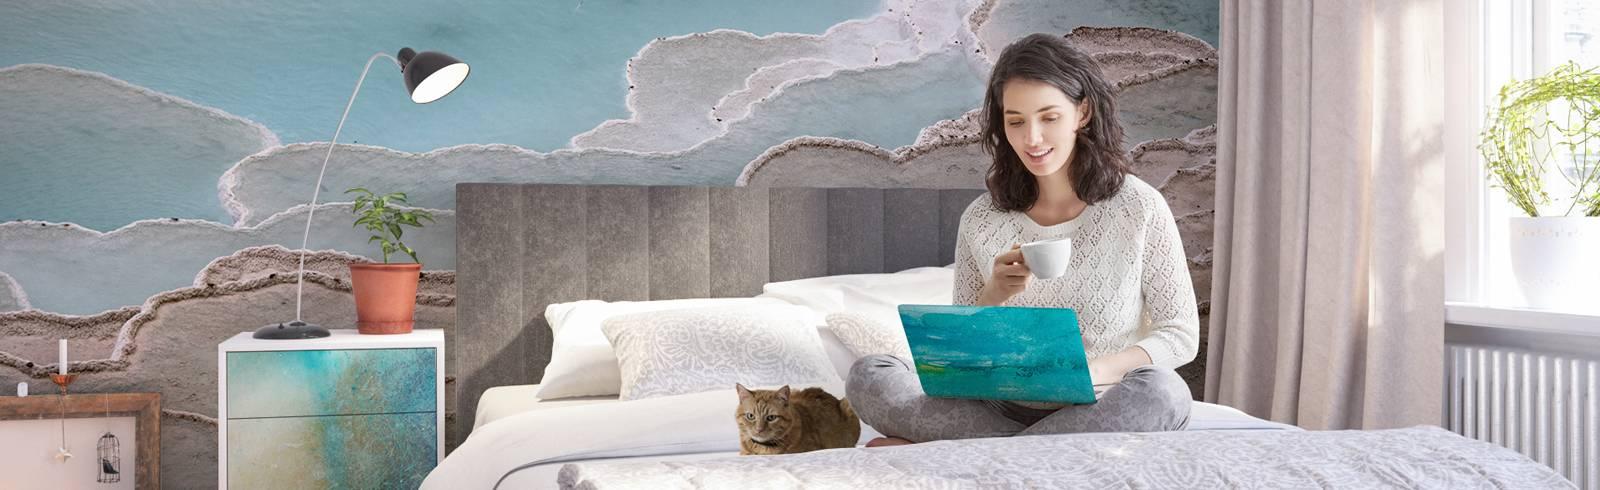 Fotomural y vinilos para el dormitorio - Relajación